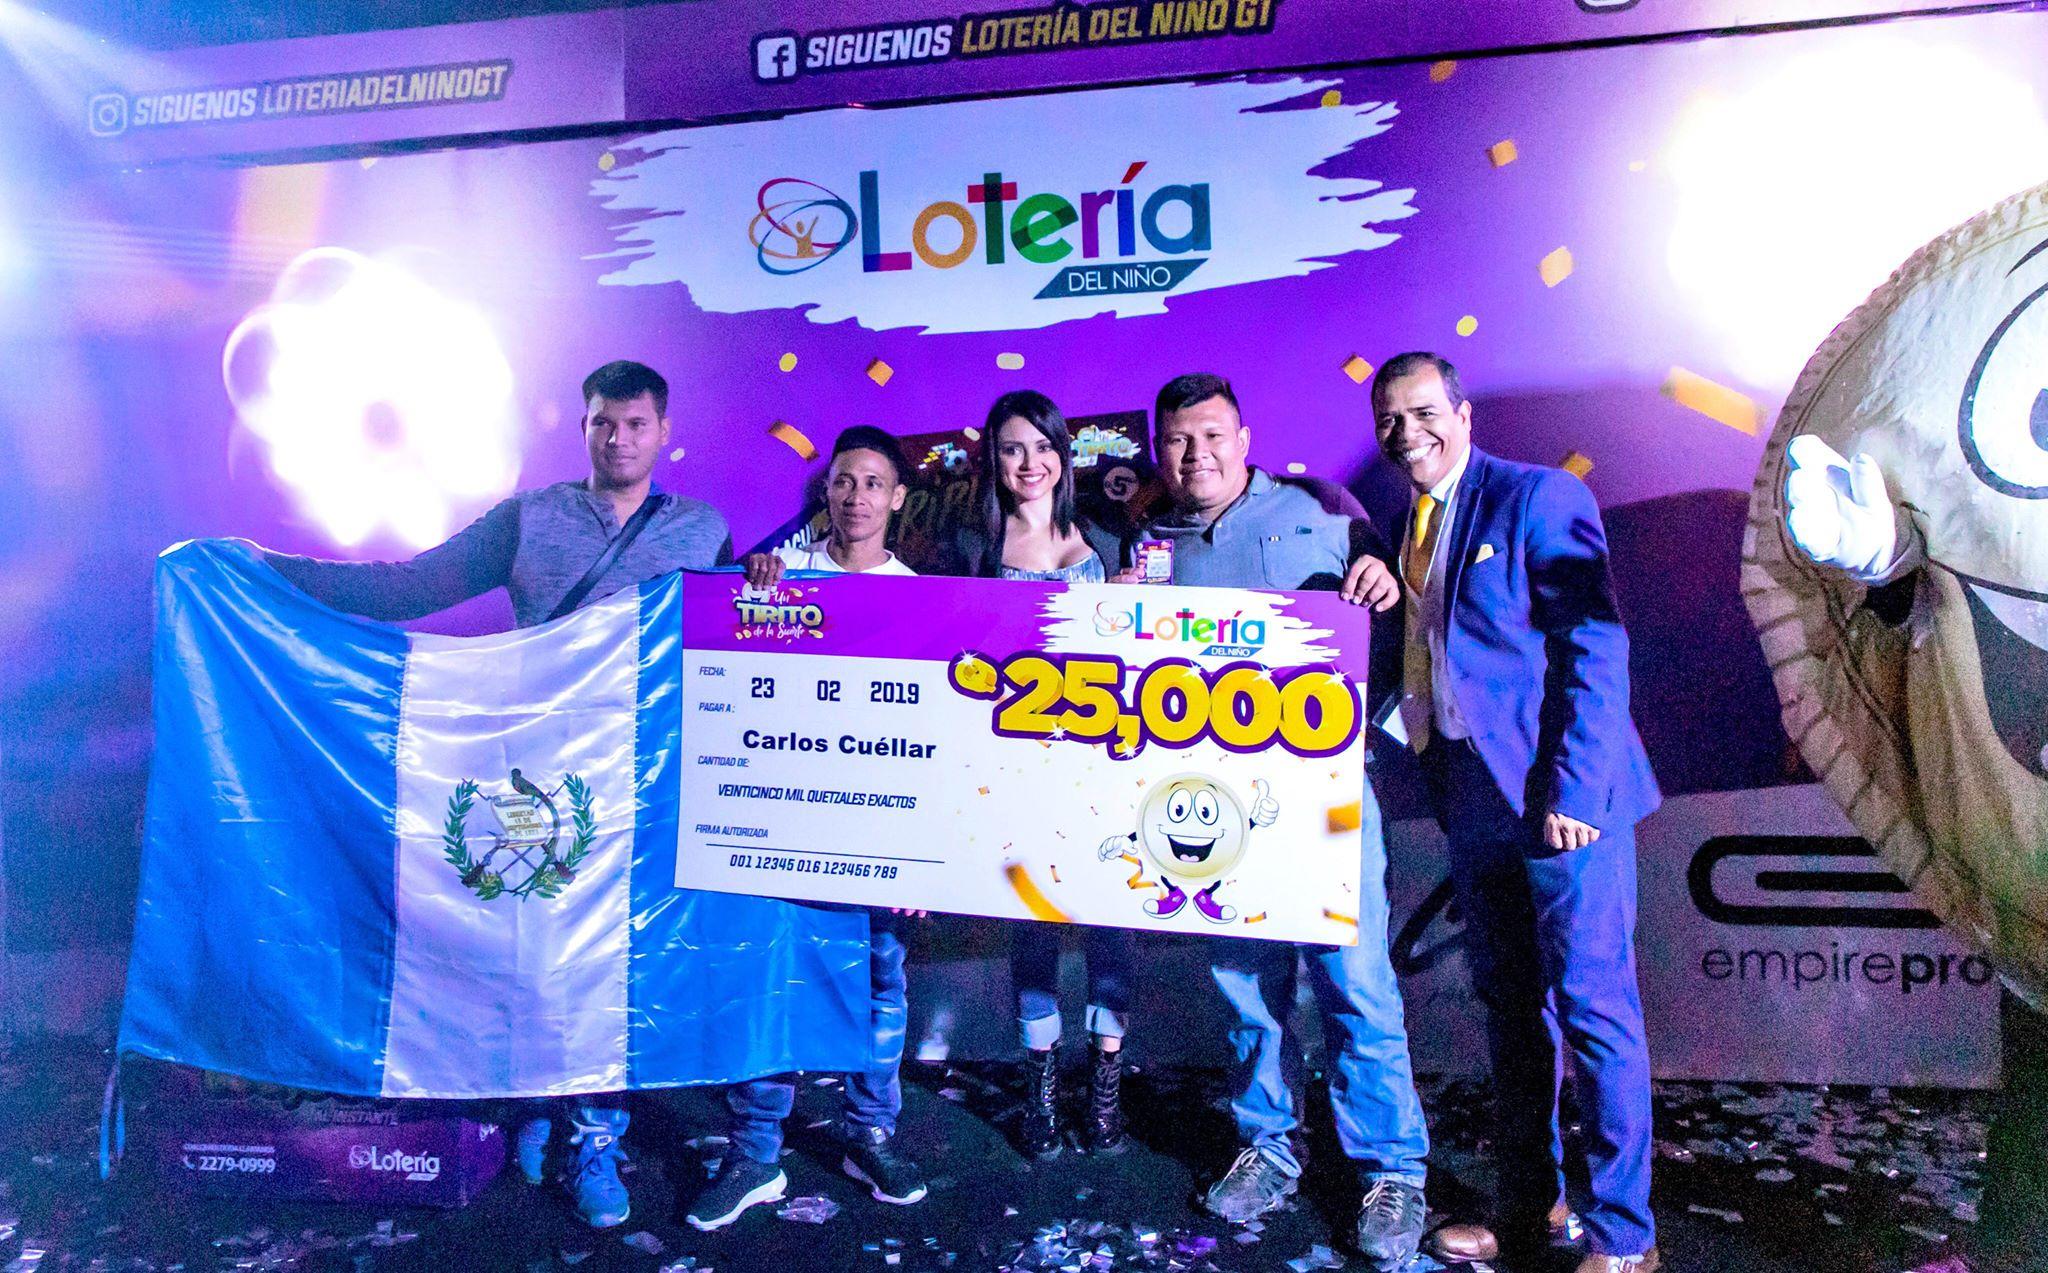 Lotería del niño Guatemala